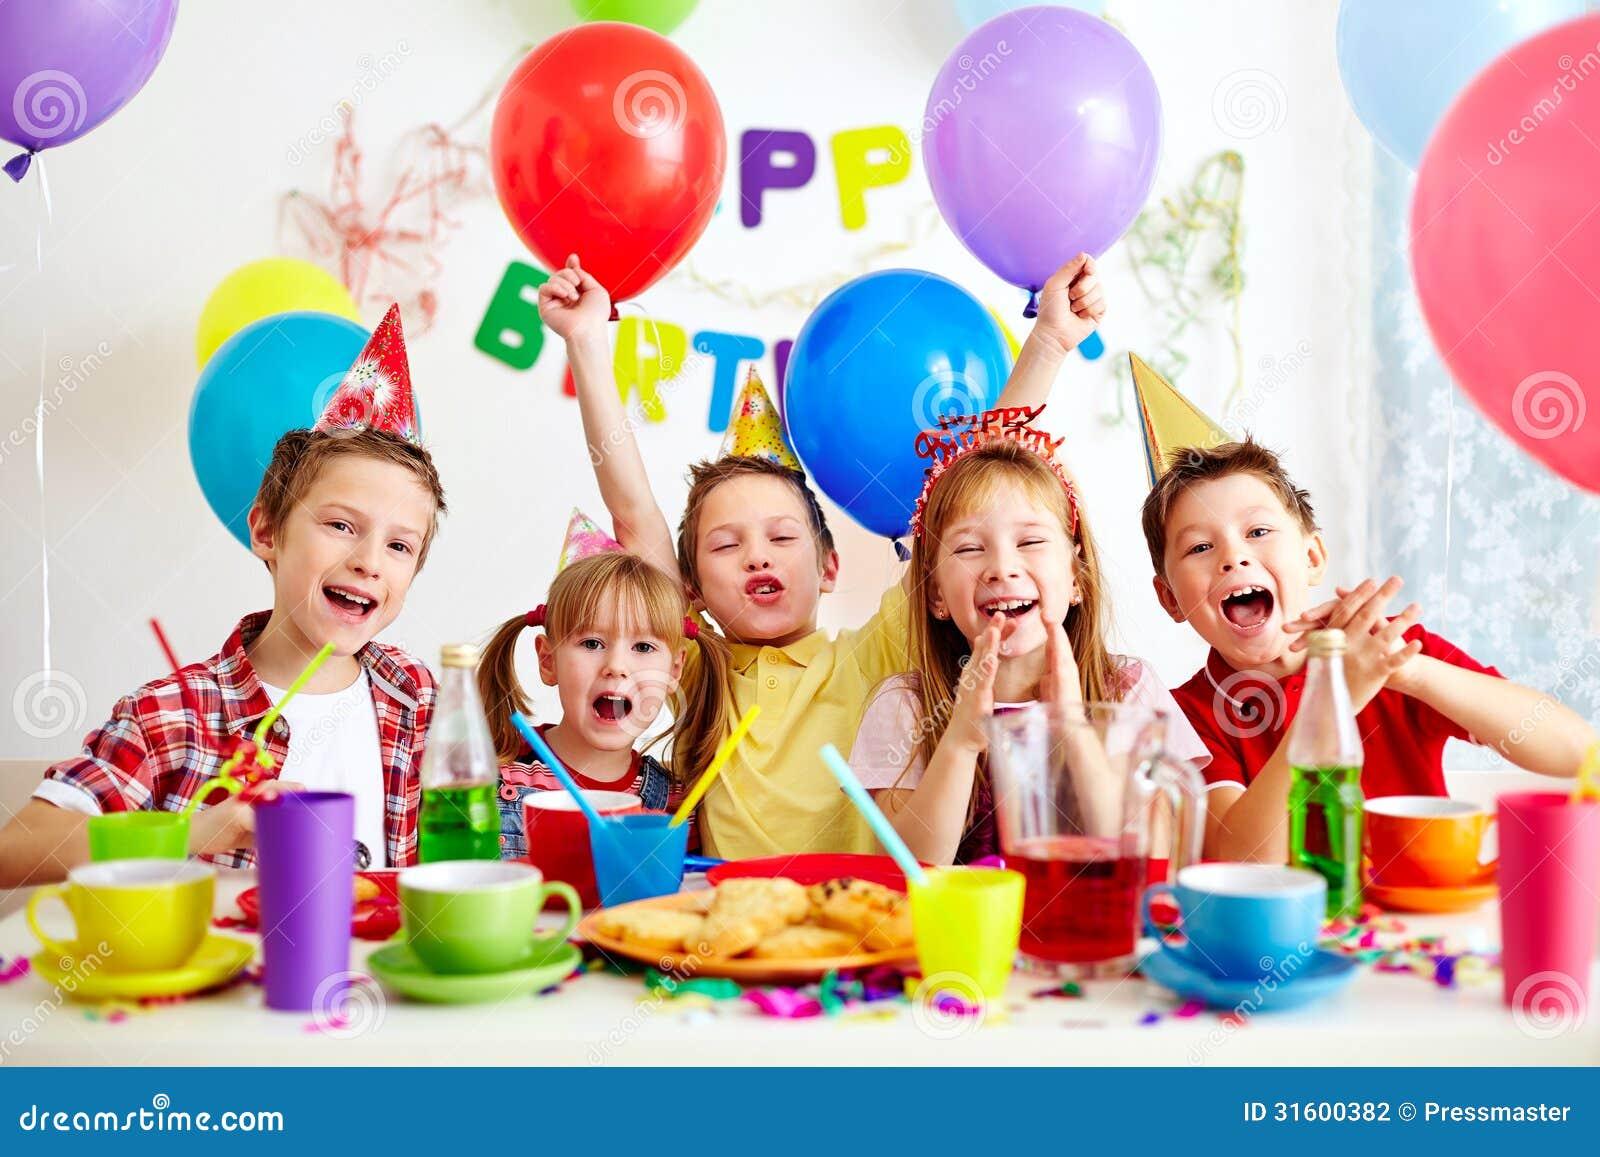 Как сделать веселый день рождения ребенку